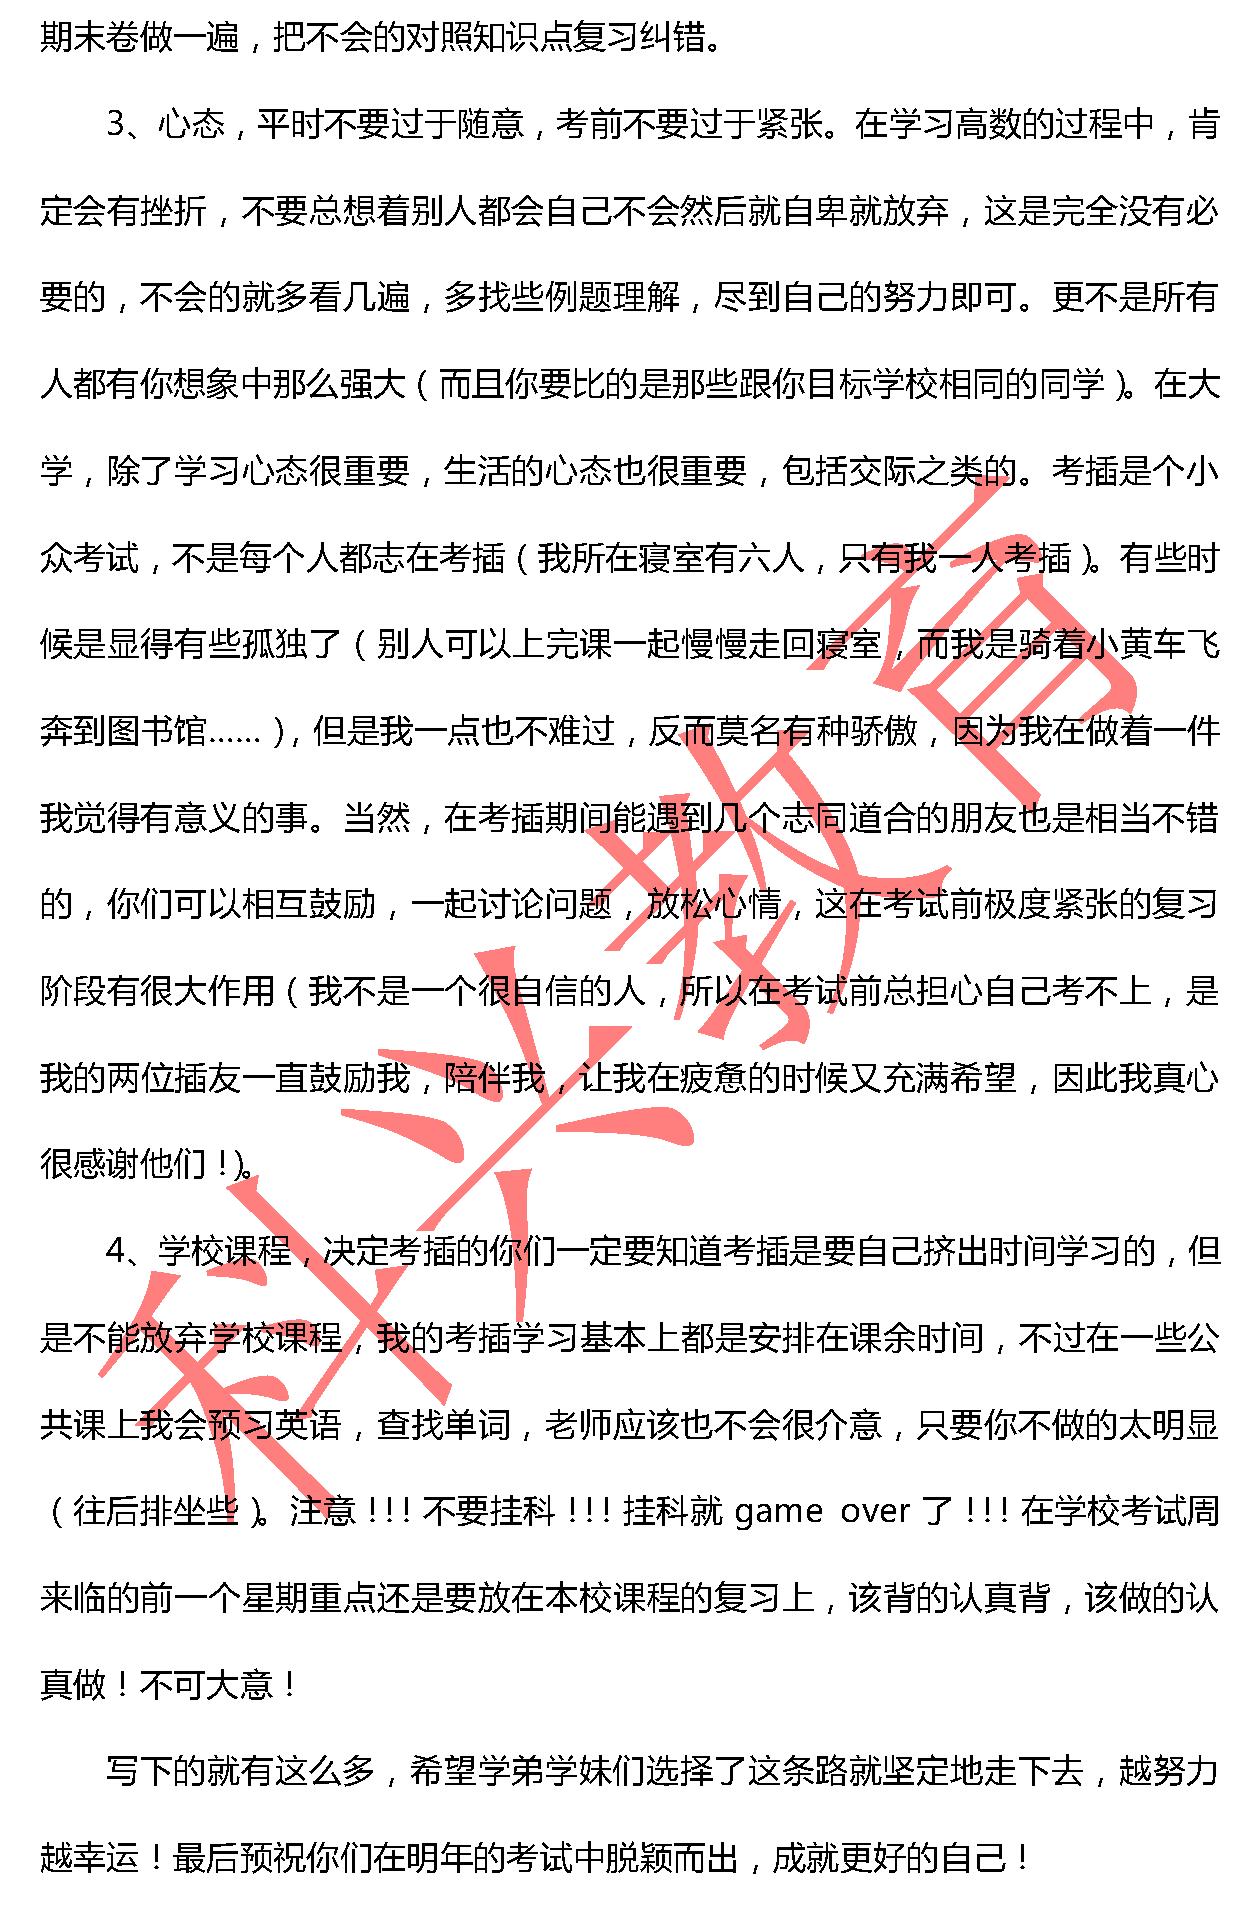 上理舒欣:念念不忘 必有回响(18届)